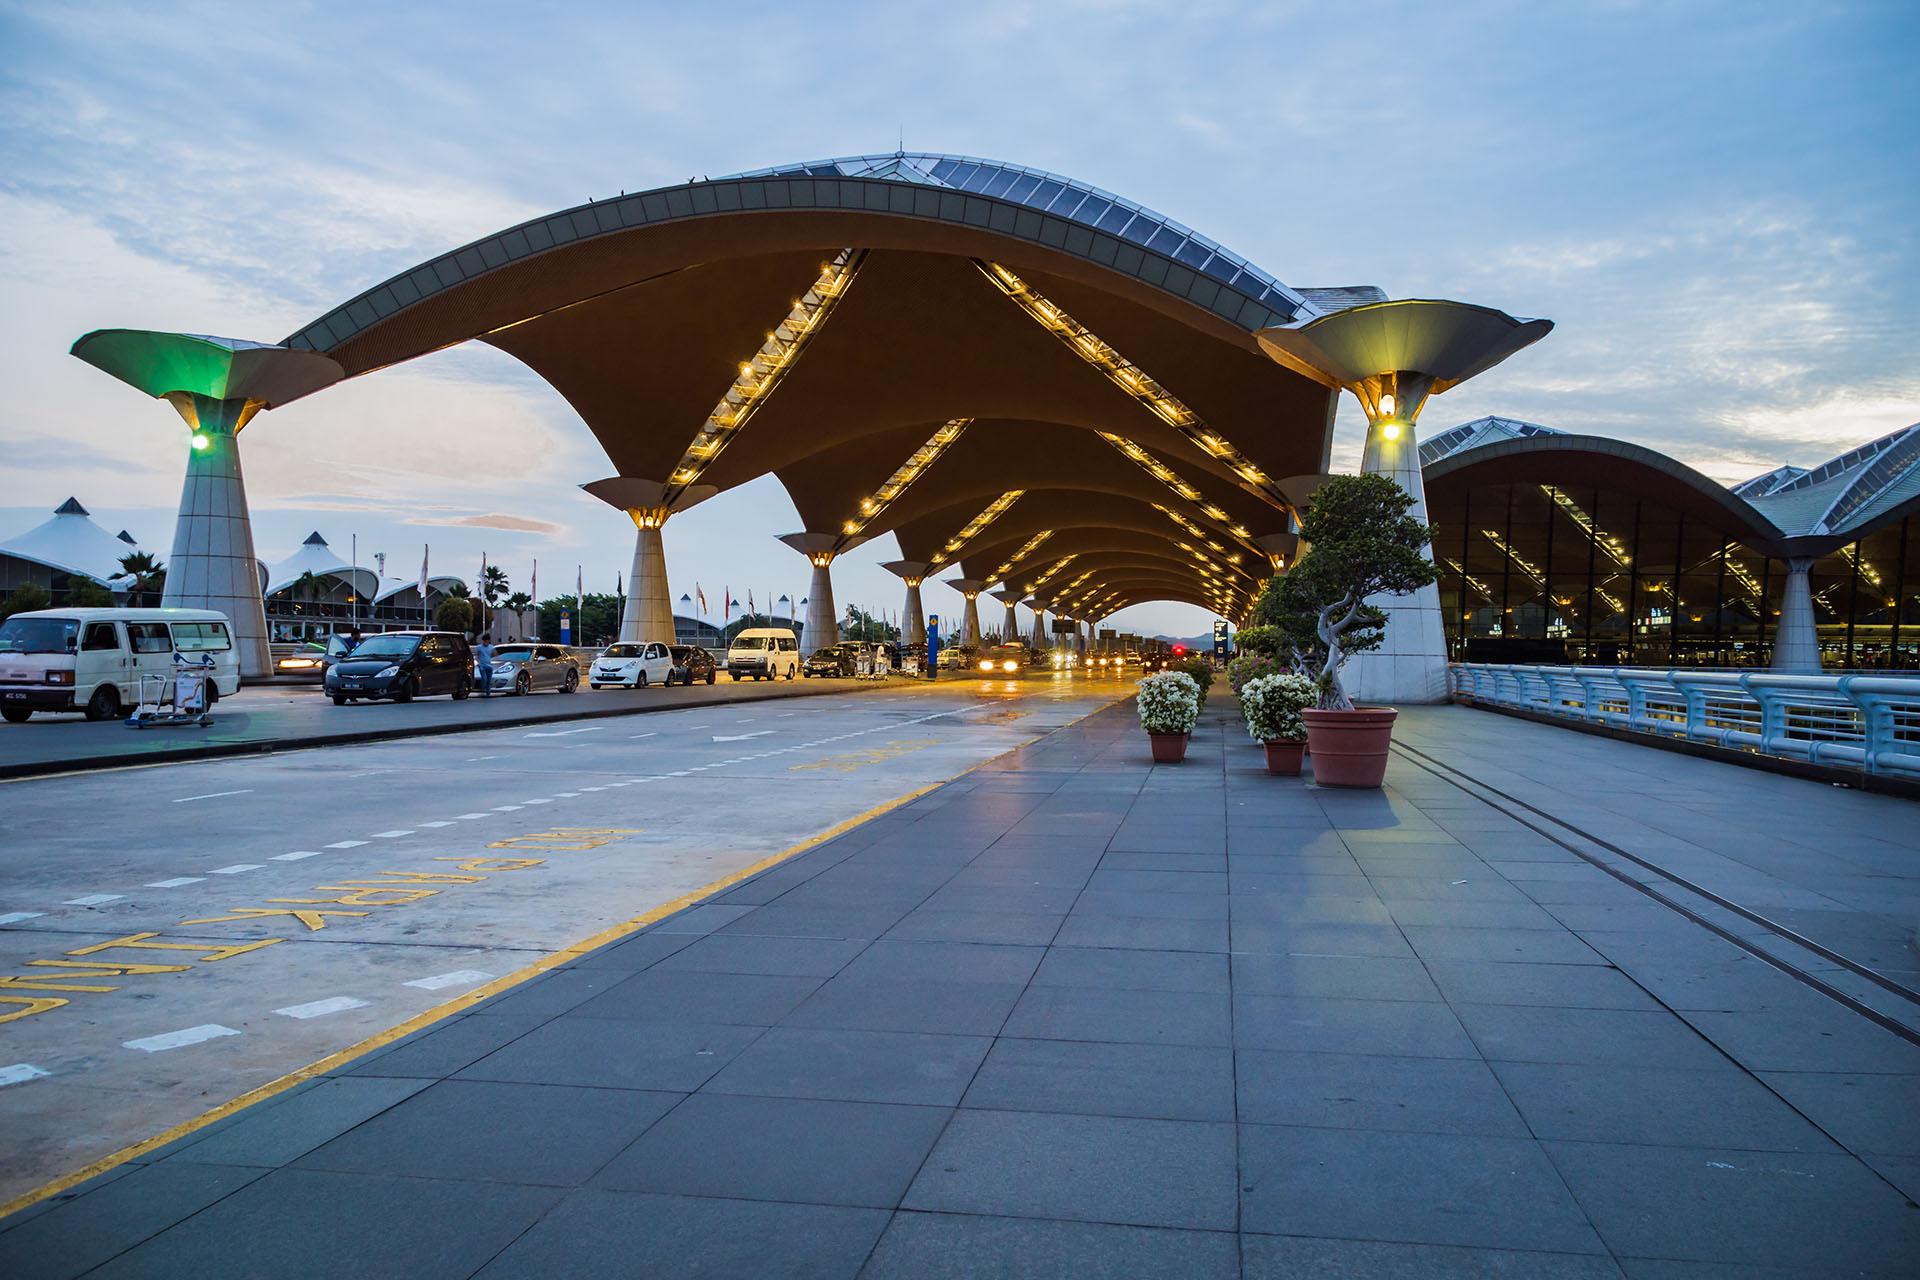 El principal aeropuerto de Malasia, el Aeropuerto Internacional de Kuala Lumpur, fue diseñado por el arquitecto japonés Kisho Kurokawa